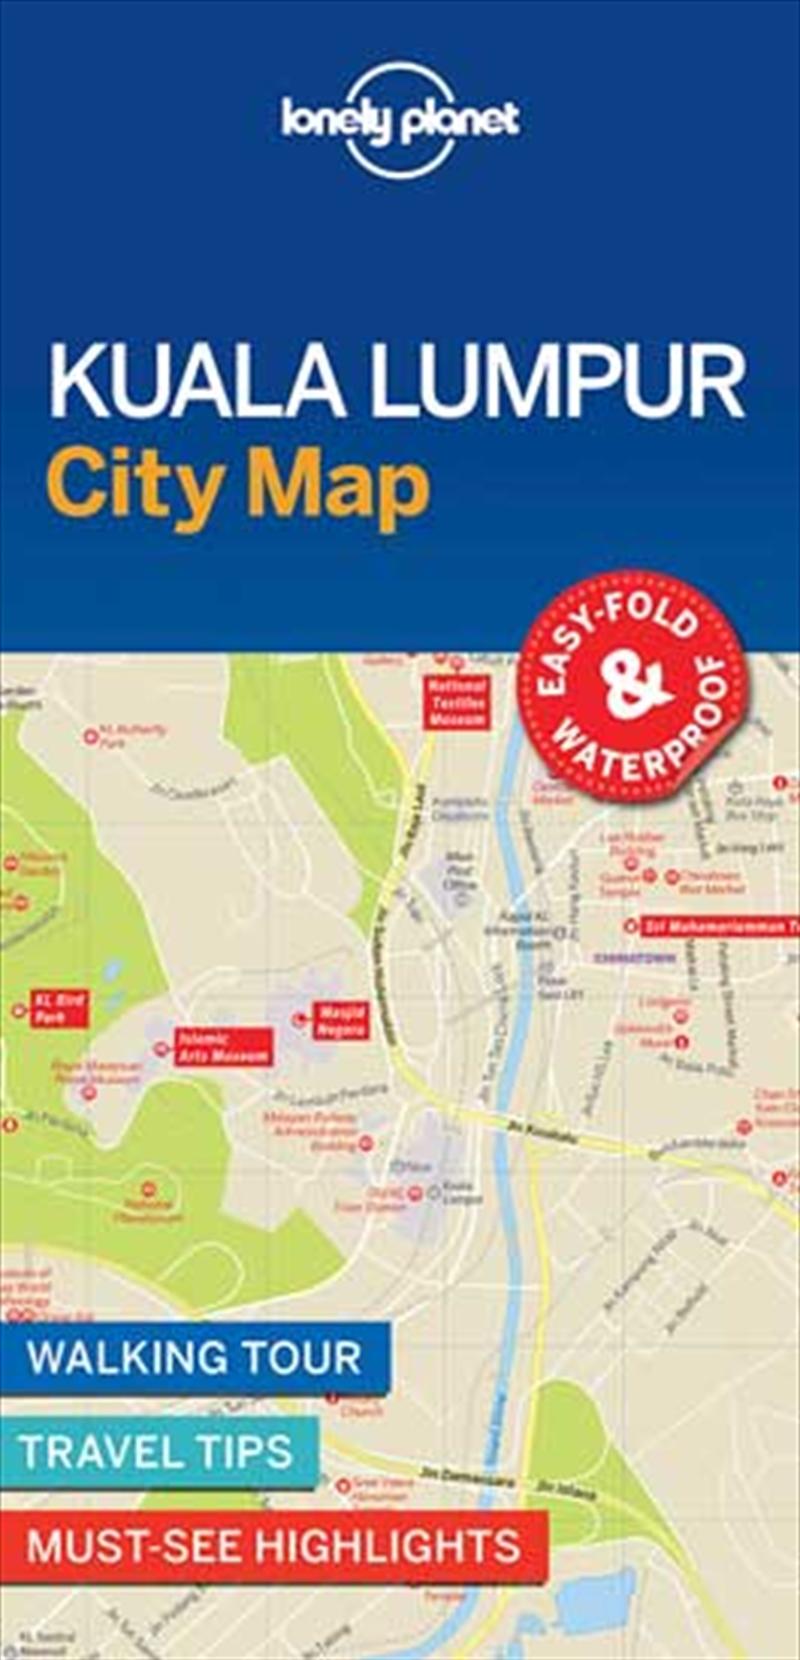 Lonely Planet Kuala Lumpur City Map | Sheet Map